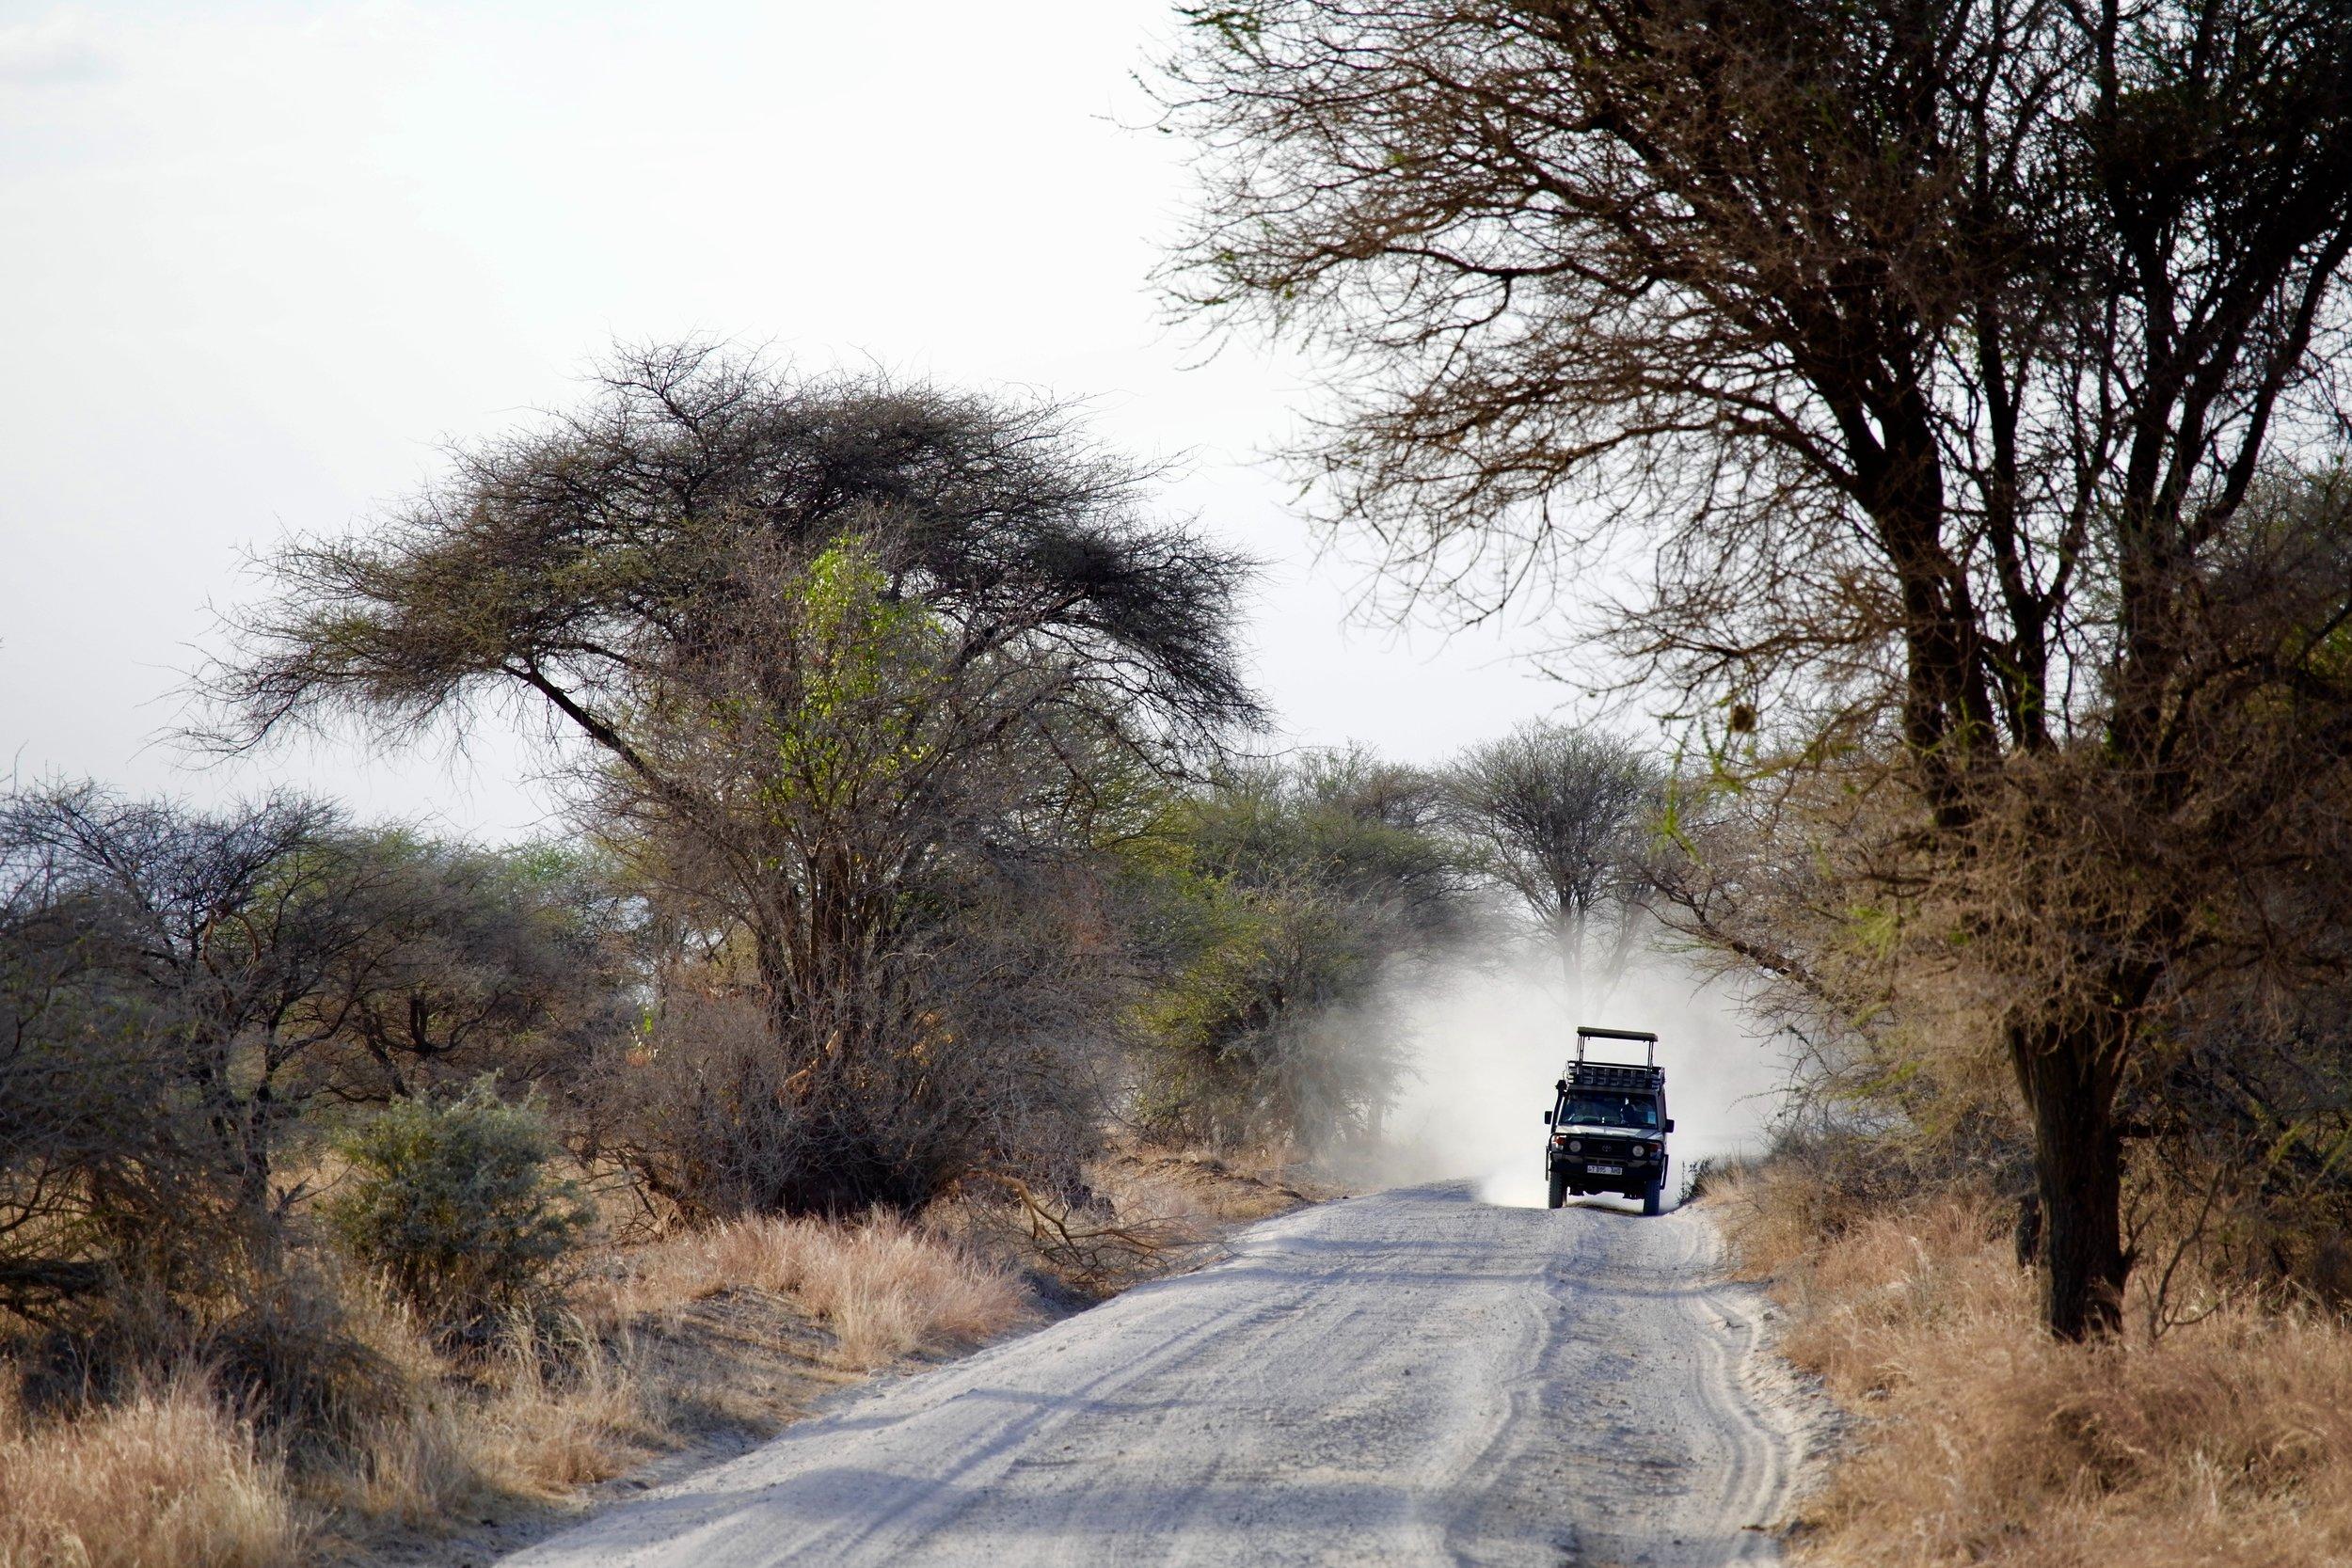 A 4x4 in Tanzania